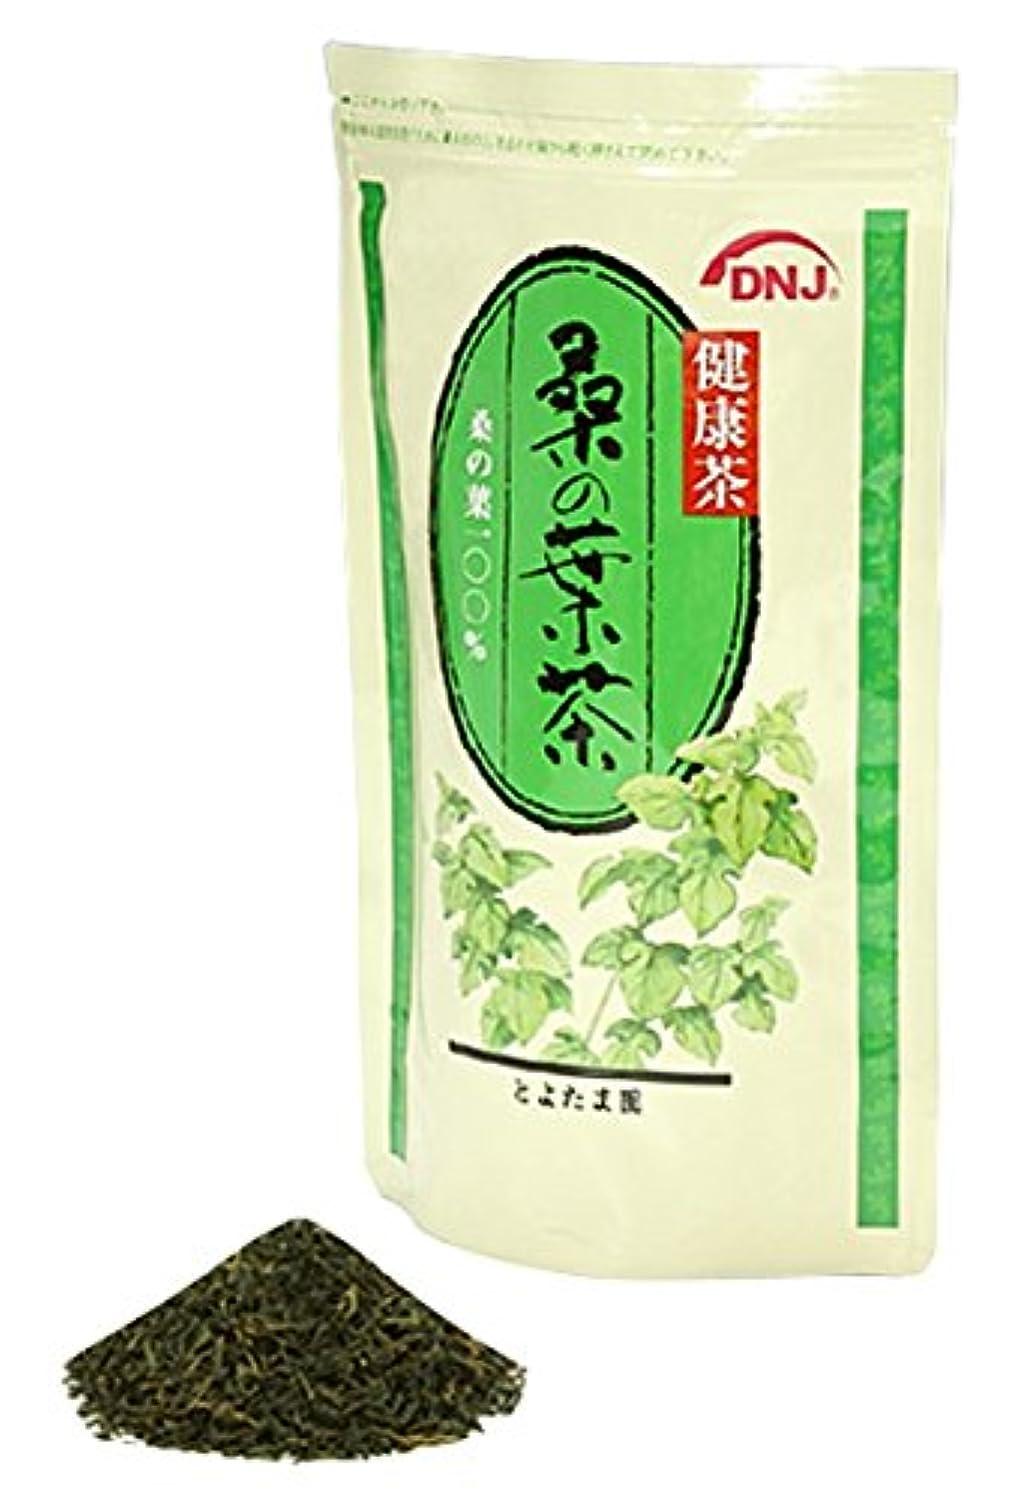 意欲ドア外側トヨタマ(TOYOTAMA) 国産健康茶 桑の葉茶 90g 01096195